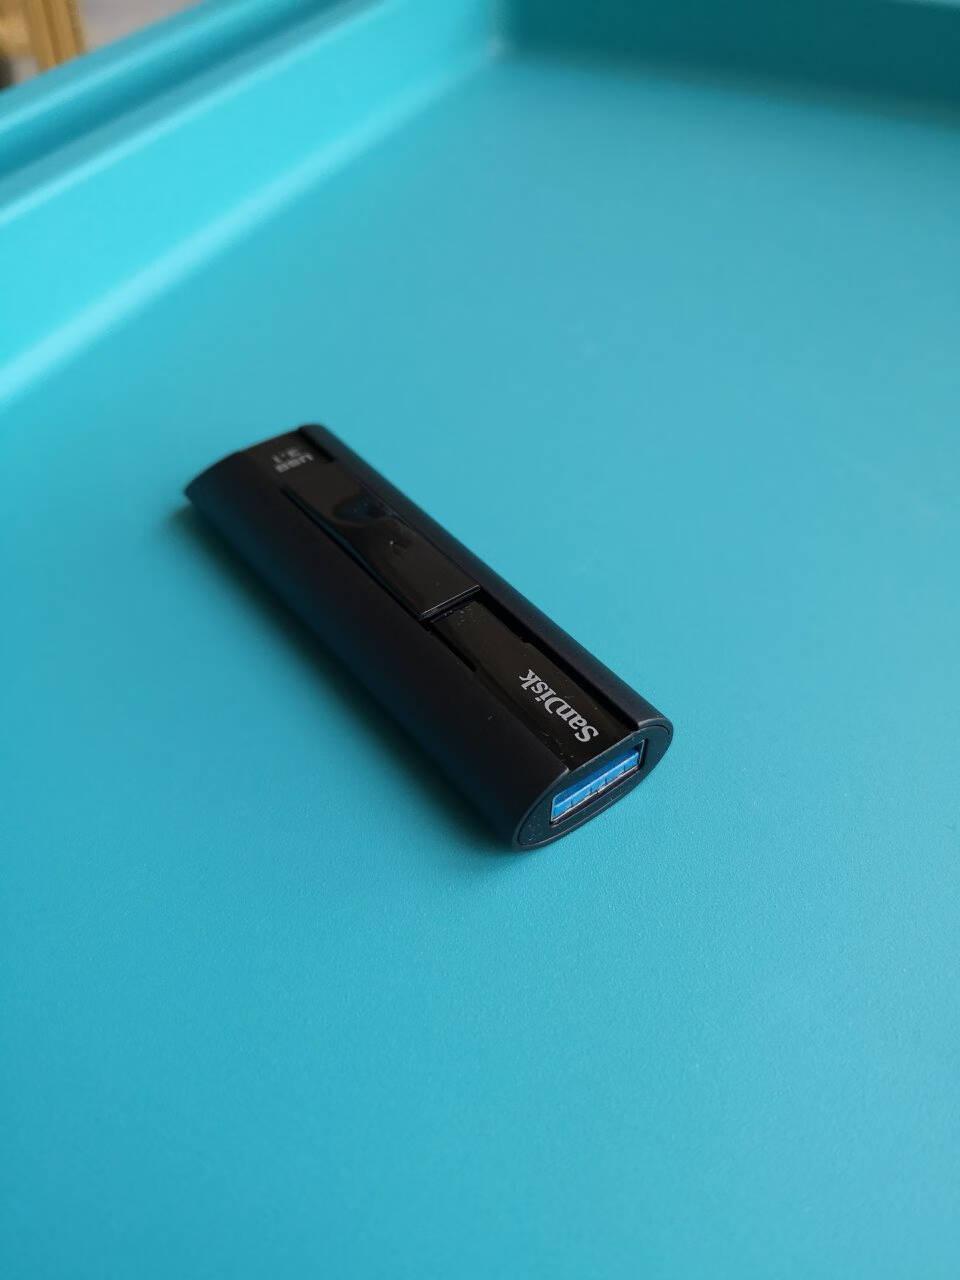 闪迪(SanDisk)256GBUSB3.2至尊超极速固态U盘CZ880读速高达420MB/s写380MB/s移动固态硬盘般的传输体验